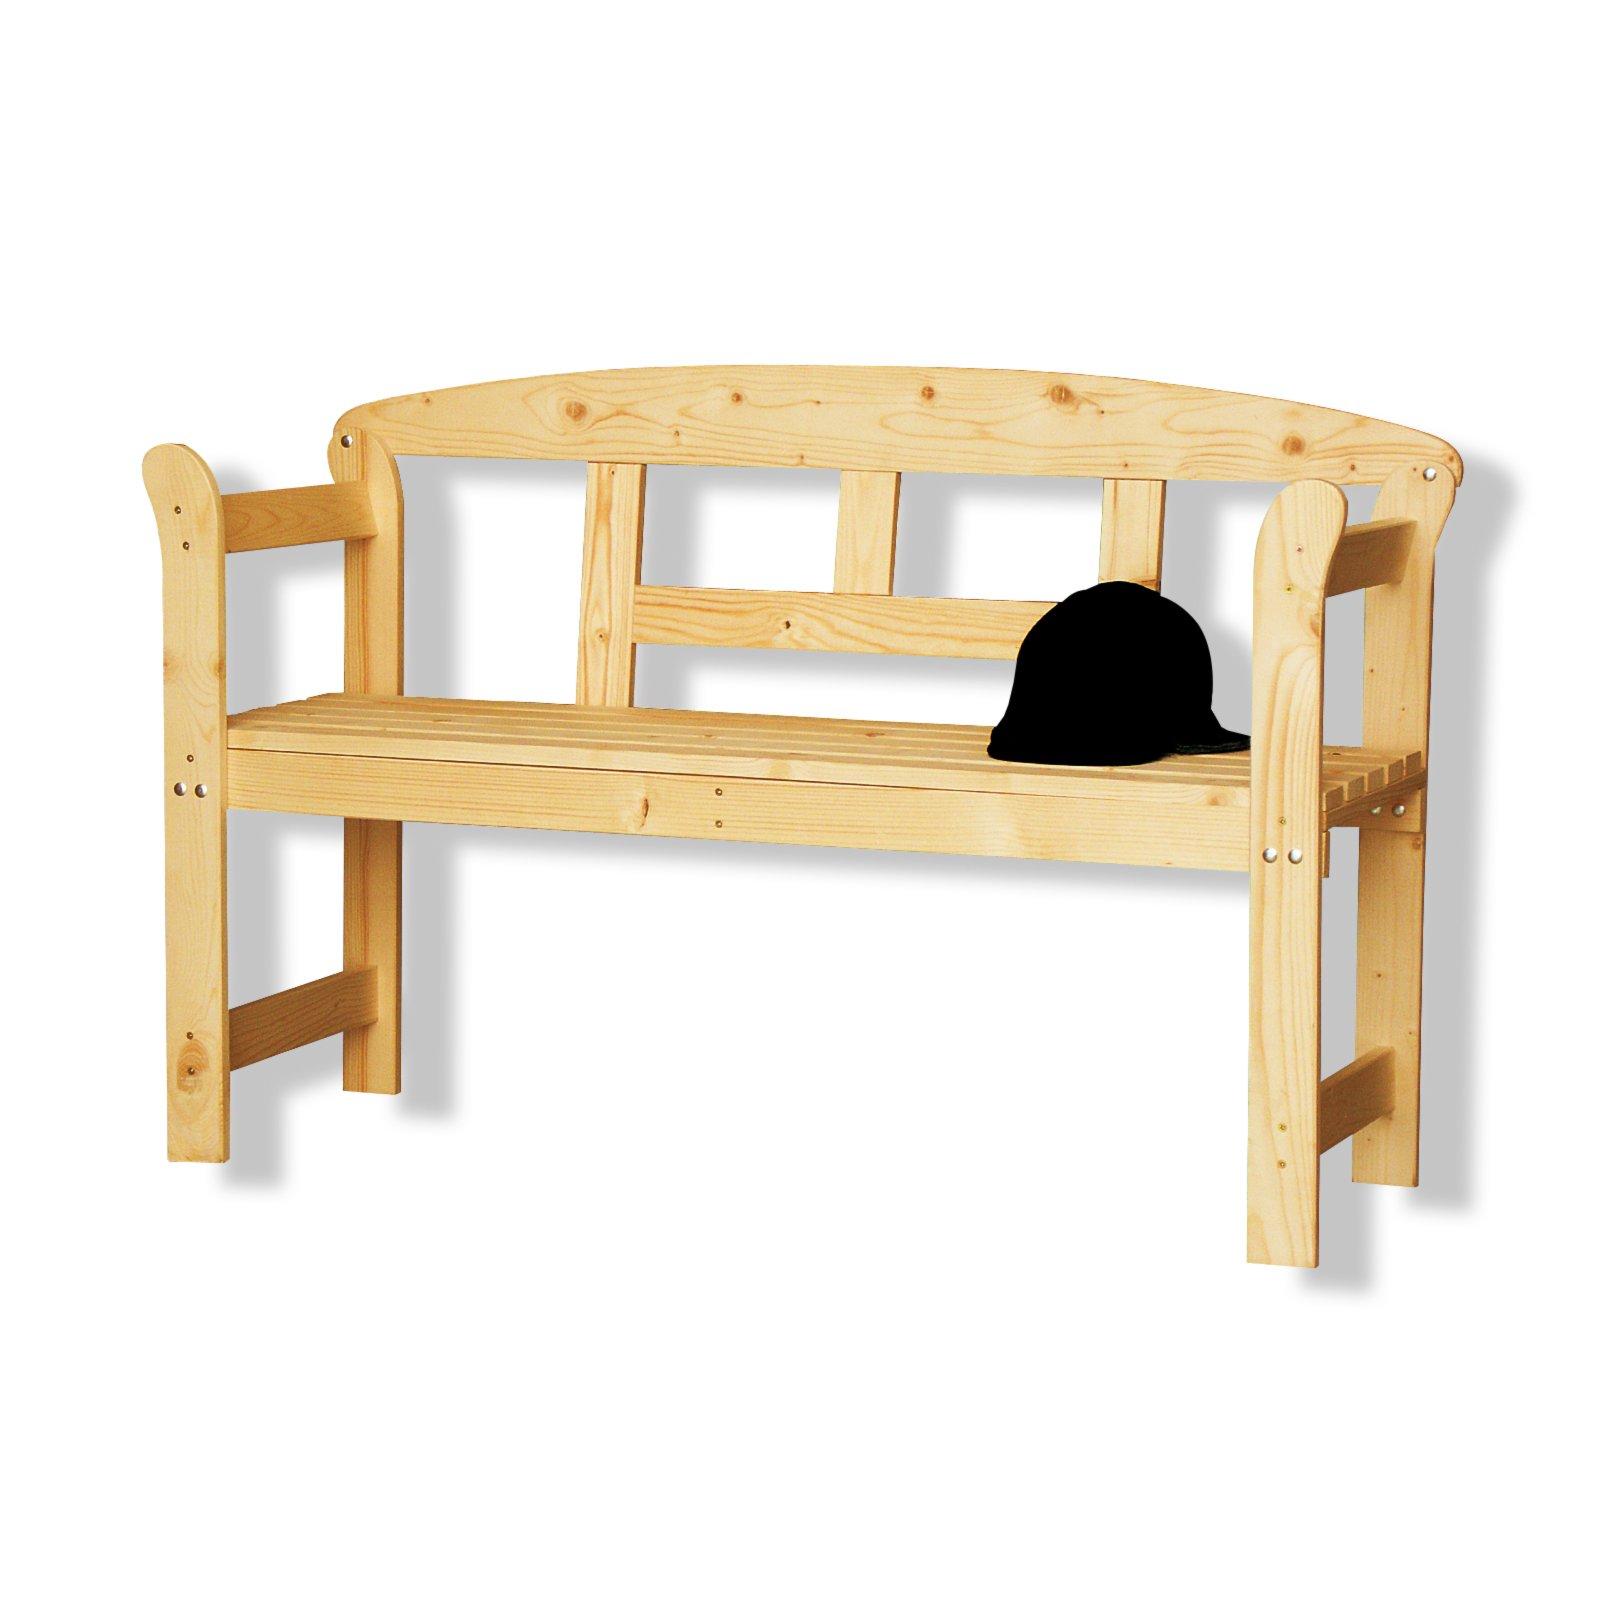 gartenbank anja fichte massiv gartenb nke gartenm bel garten m belhaus roller. Black Bedroom Furniture Sets. Home Design Ideas